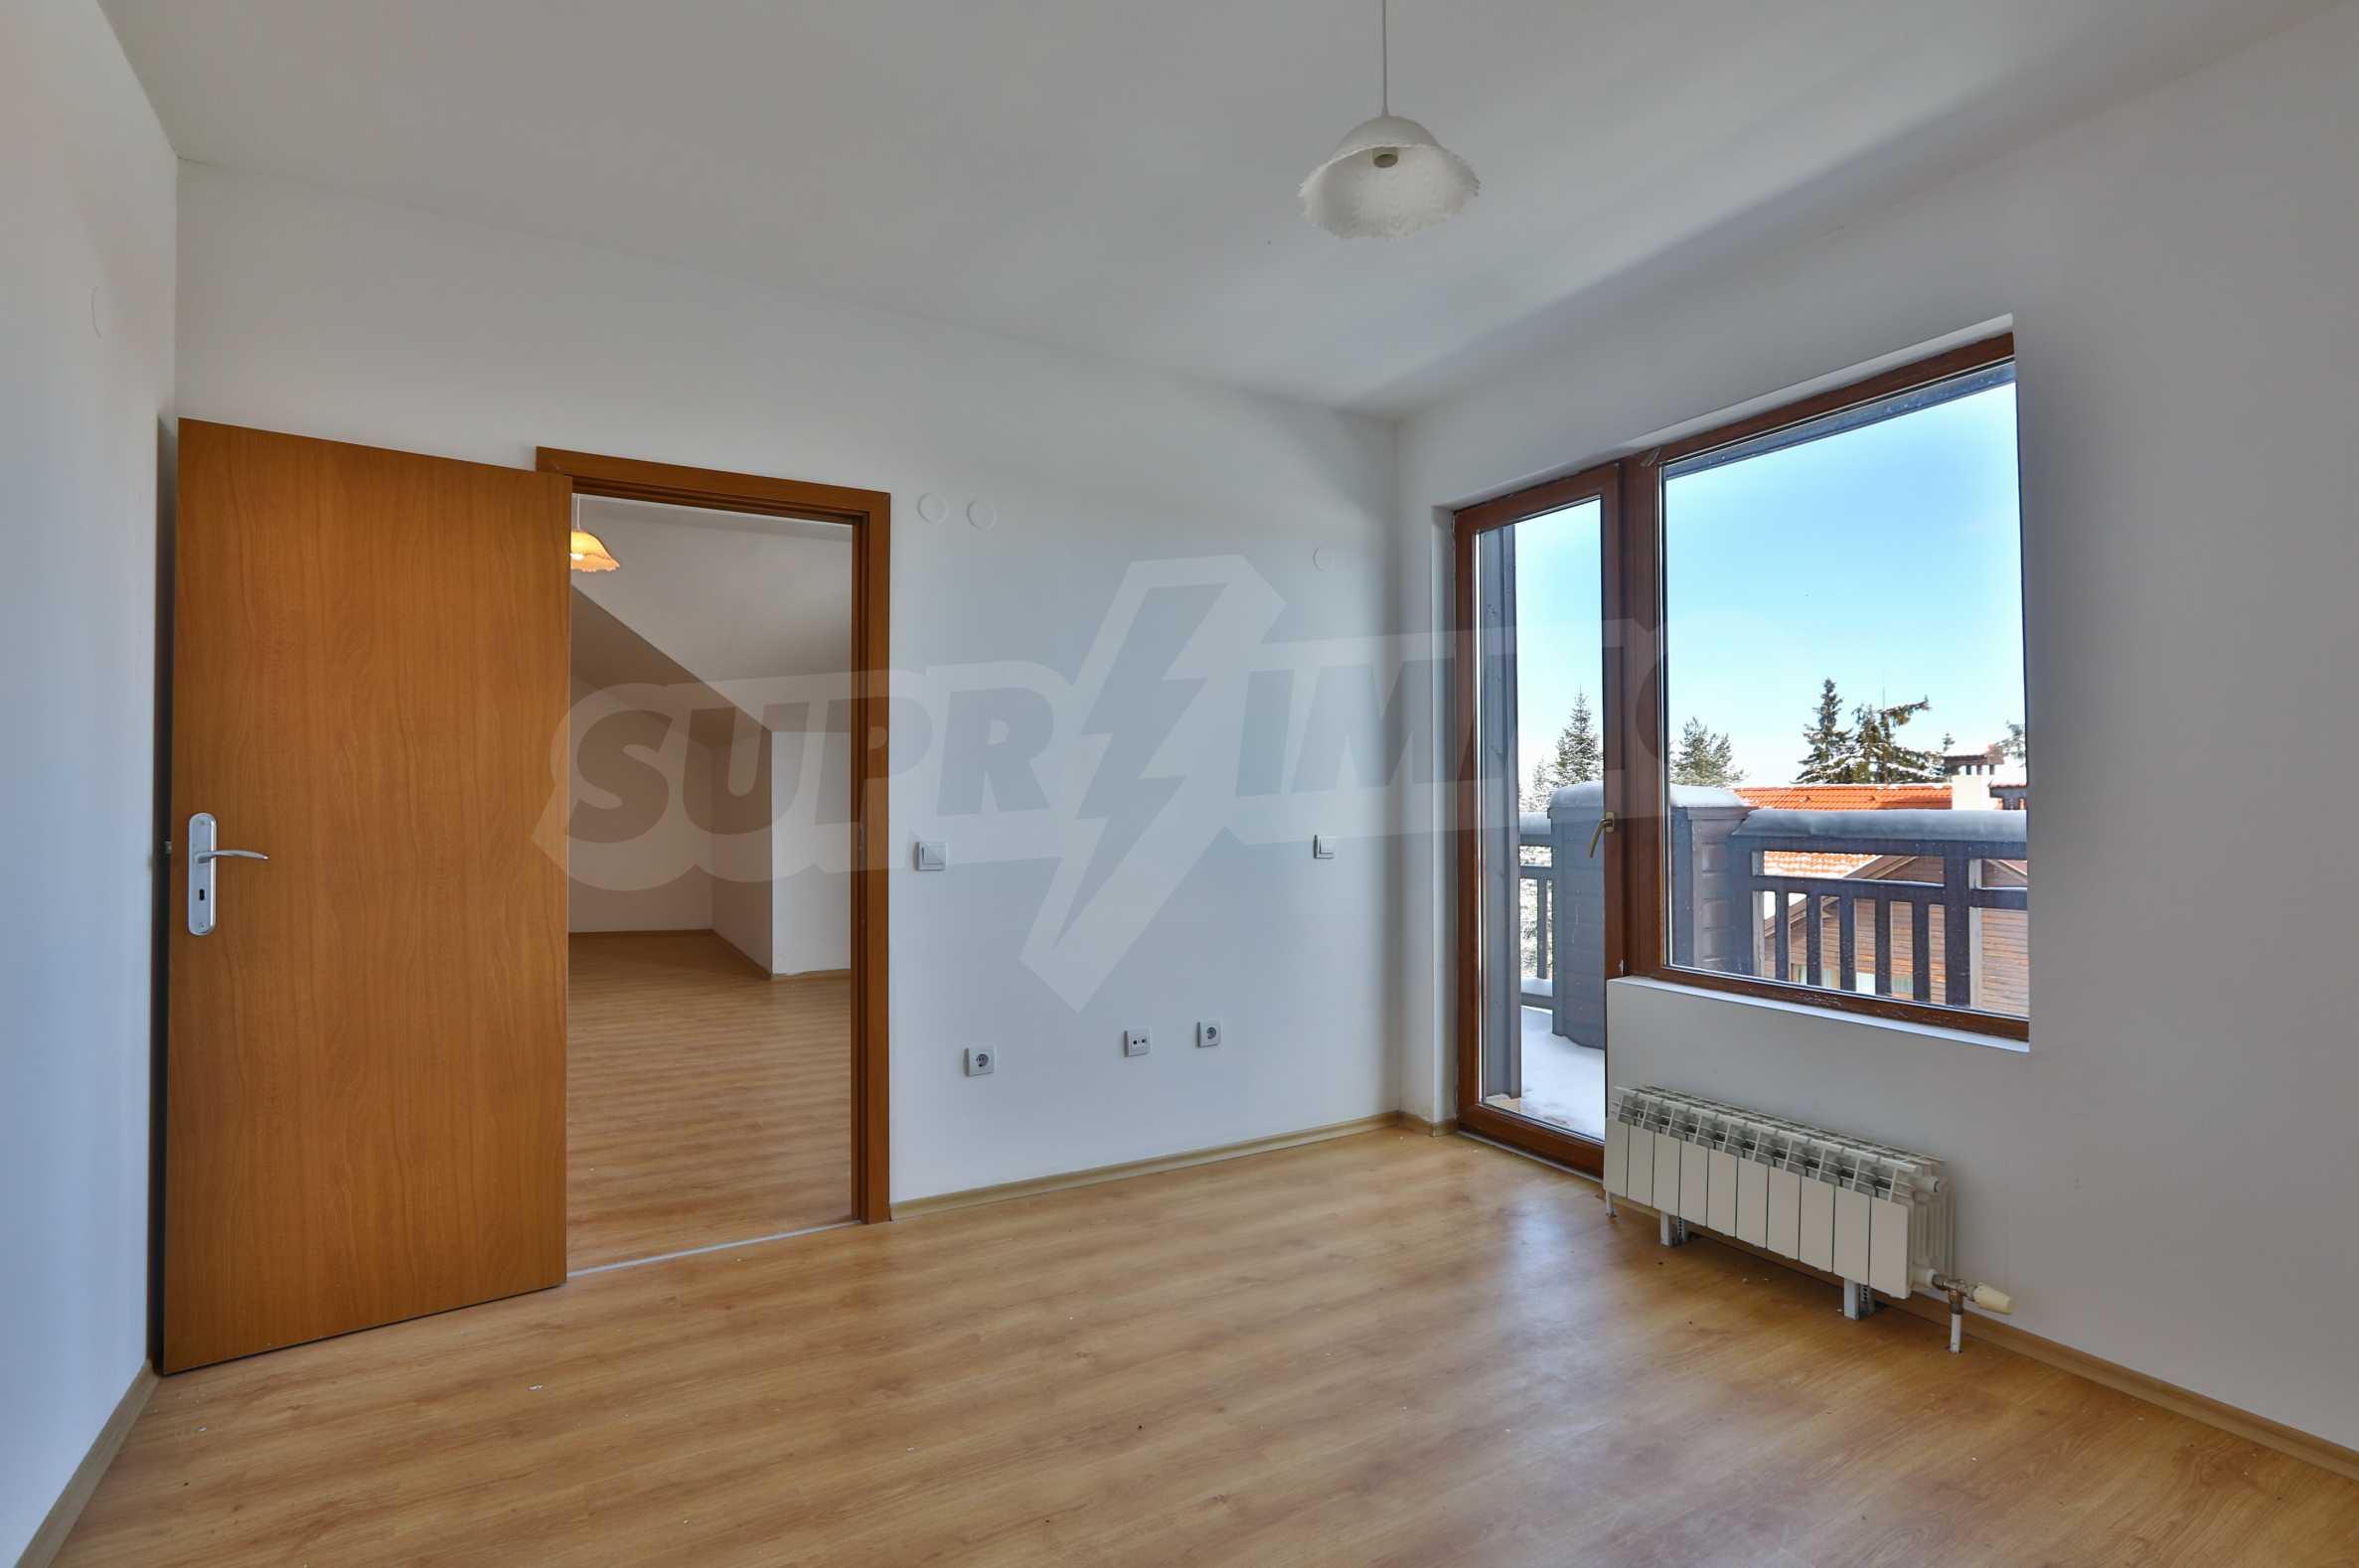 Erstklassige Wohnungen zum Verkauf Meter von der Yastrebets-Strecke in Borovets entfernt 11